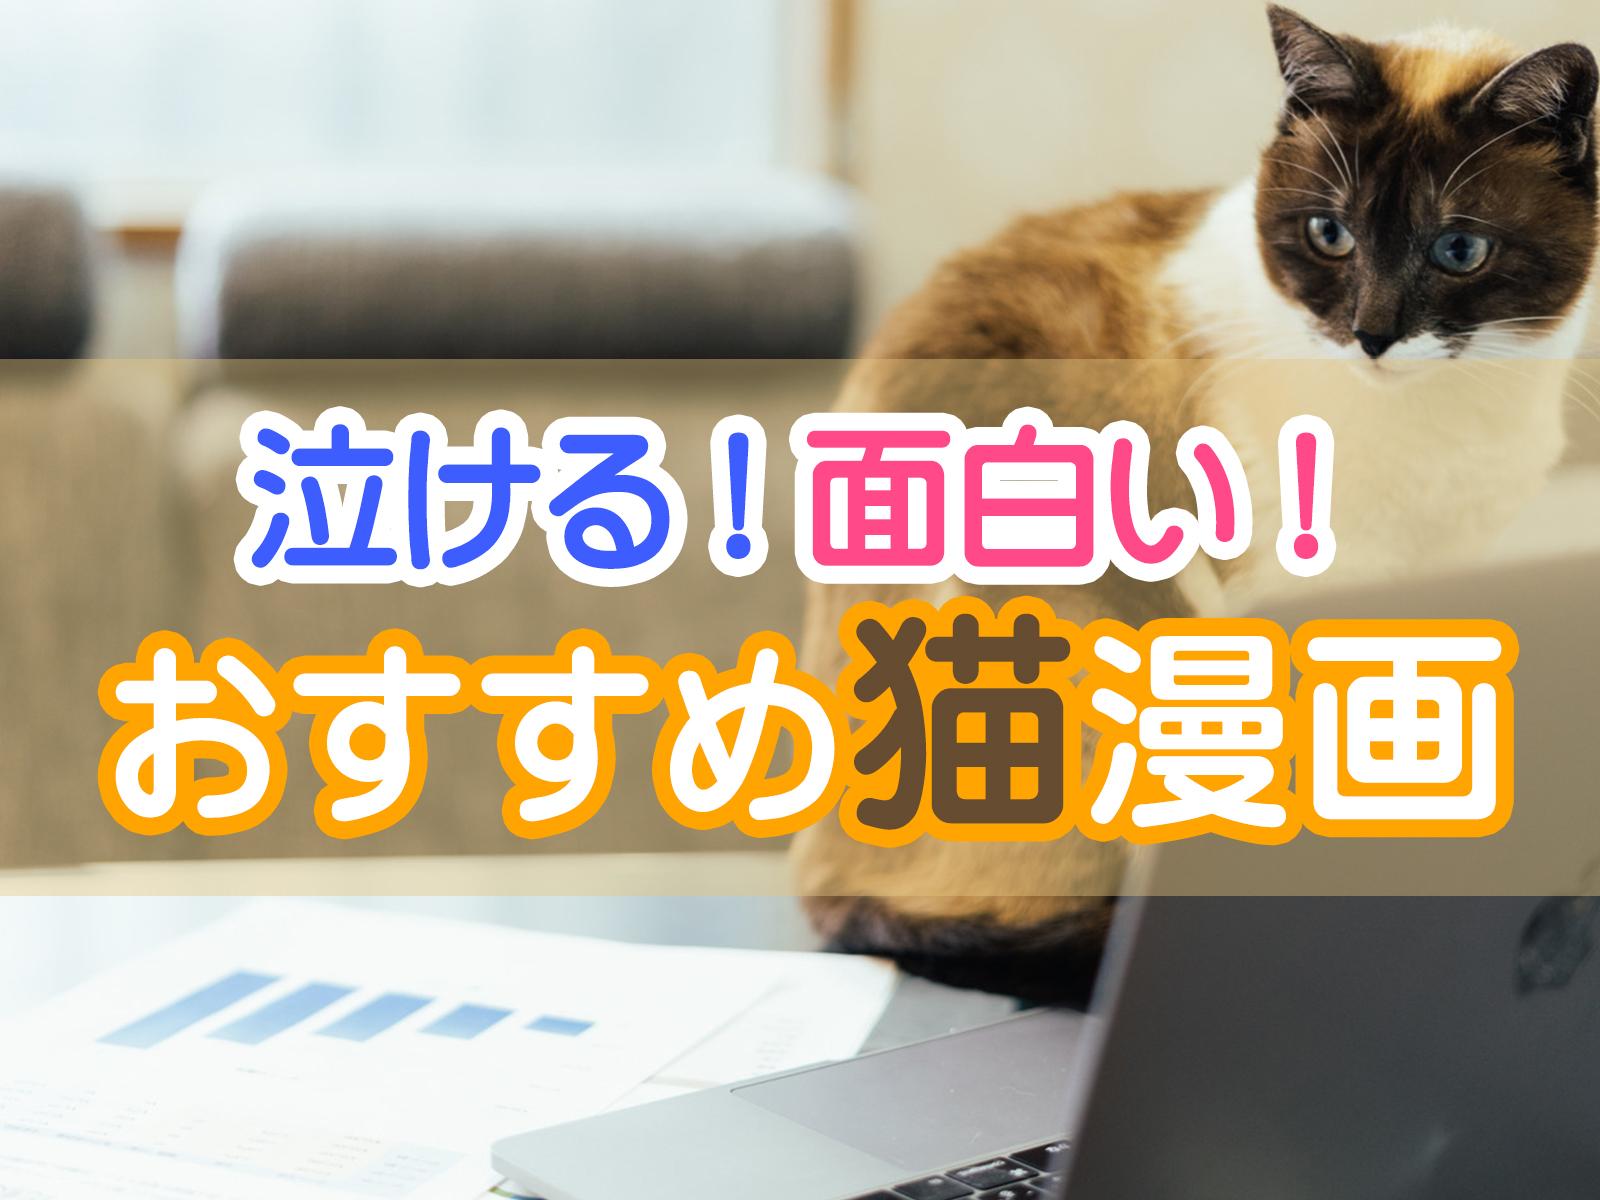 泣ける!面白い!おすすめ猫漫画